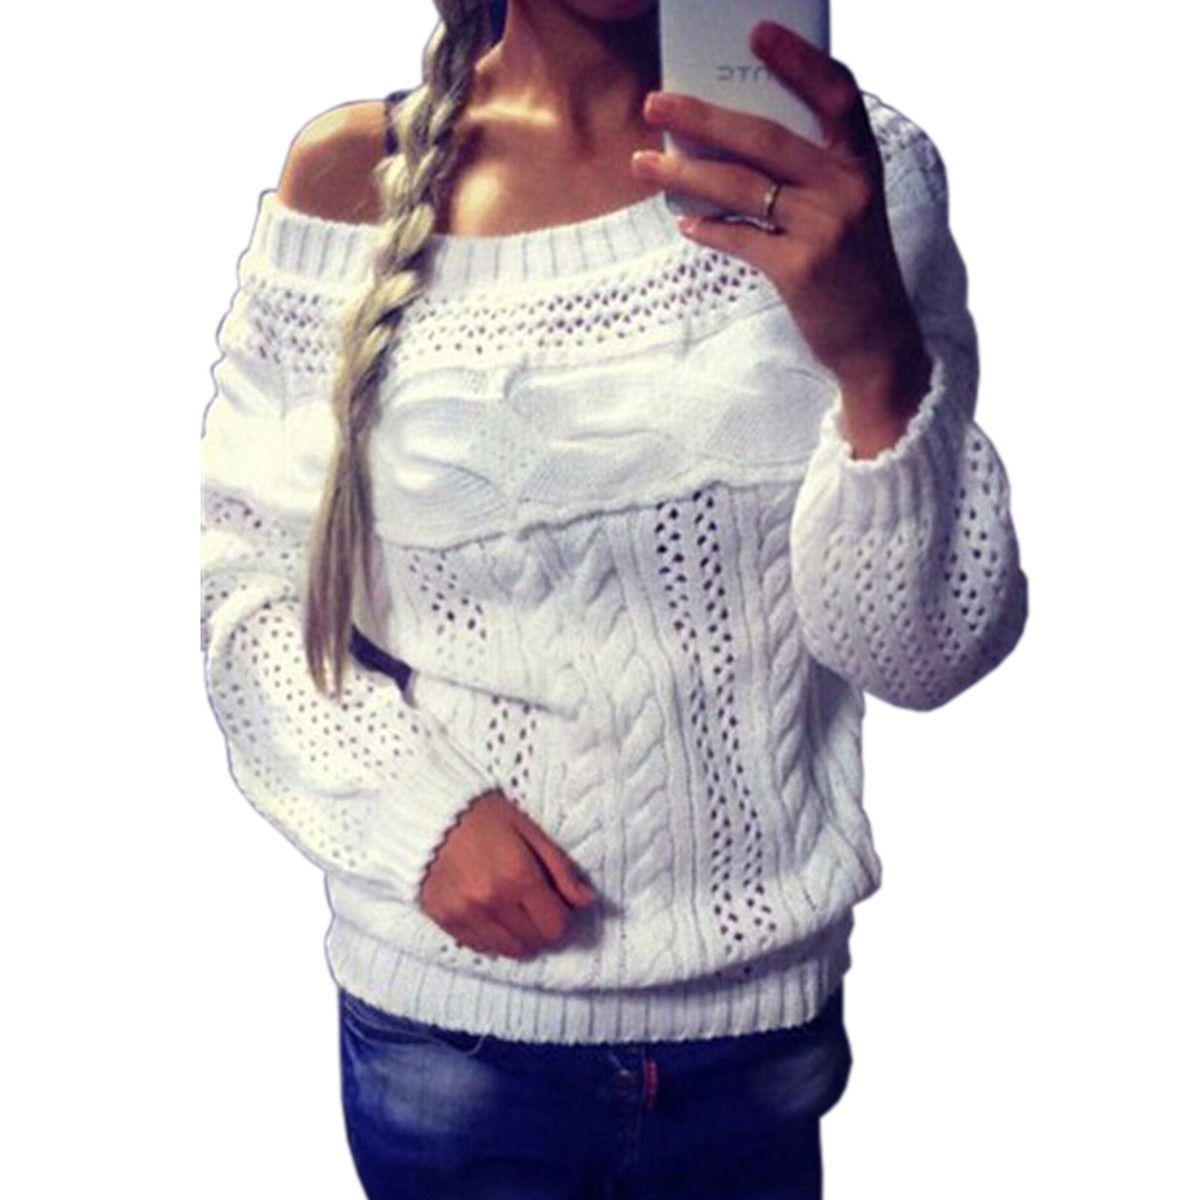 2017 여성 스웨터 섹시한 오프 숄더 니트 스웨터 중공 아웃 풀오버 줄무늬 긴 소매 니트 점퍼 흰색 풀 팜므